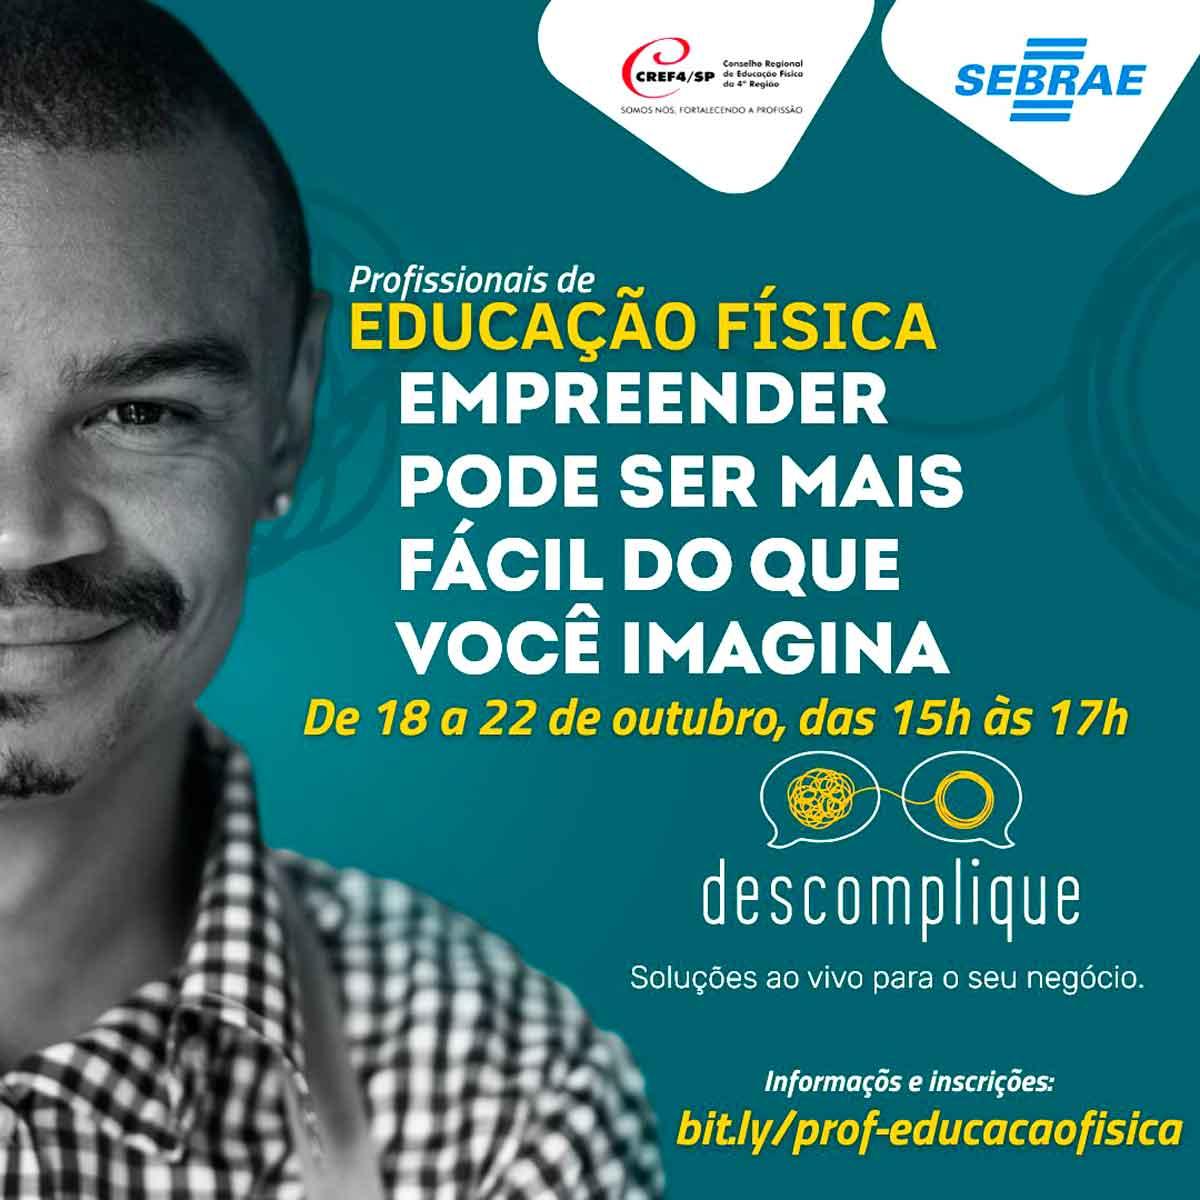 SEBRAE e CREF4/SP promovem curso de empreendedorismo para profissionais de Educação Física